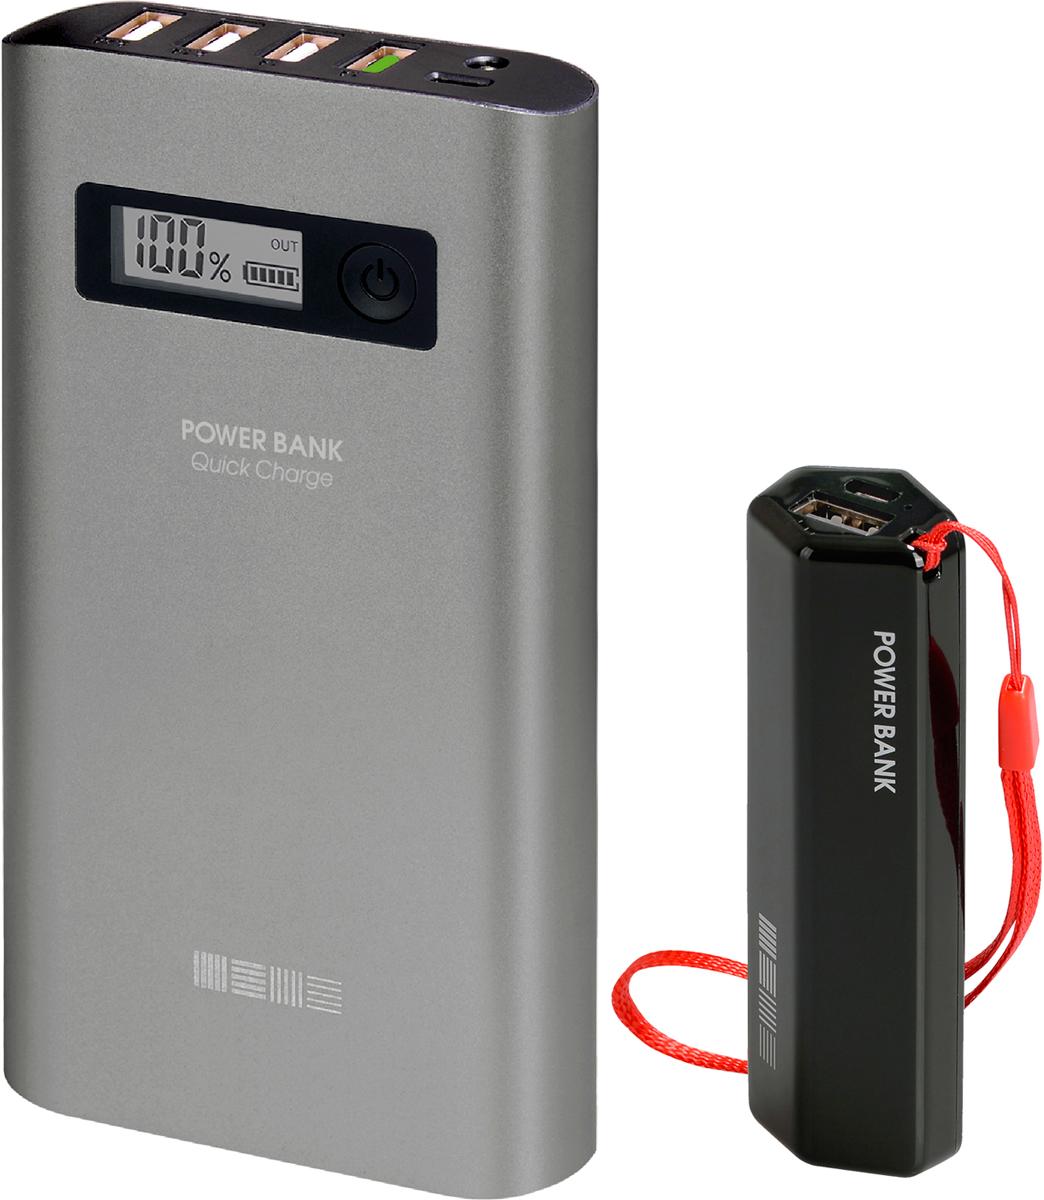 Interstep PB15000QC4U (15000 мАч) + PB30001 (3000 мАч) комплект внешних аккумуляторов46835ULTRA ячеейки внутри (5x3000мАч) - не путать с аналогами, на ячейках 6x2600=15600 (6 ячеек вместо 5 - тяжелее и габариты больше)Металлический корпус цвета Space GrayДисплей c % емкости4USB выхода - можно заряжать 4 устройства одновременноQuick Charge 3.0 out - еще быстрее чем QC 2.0.